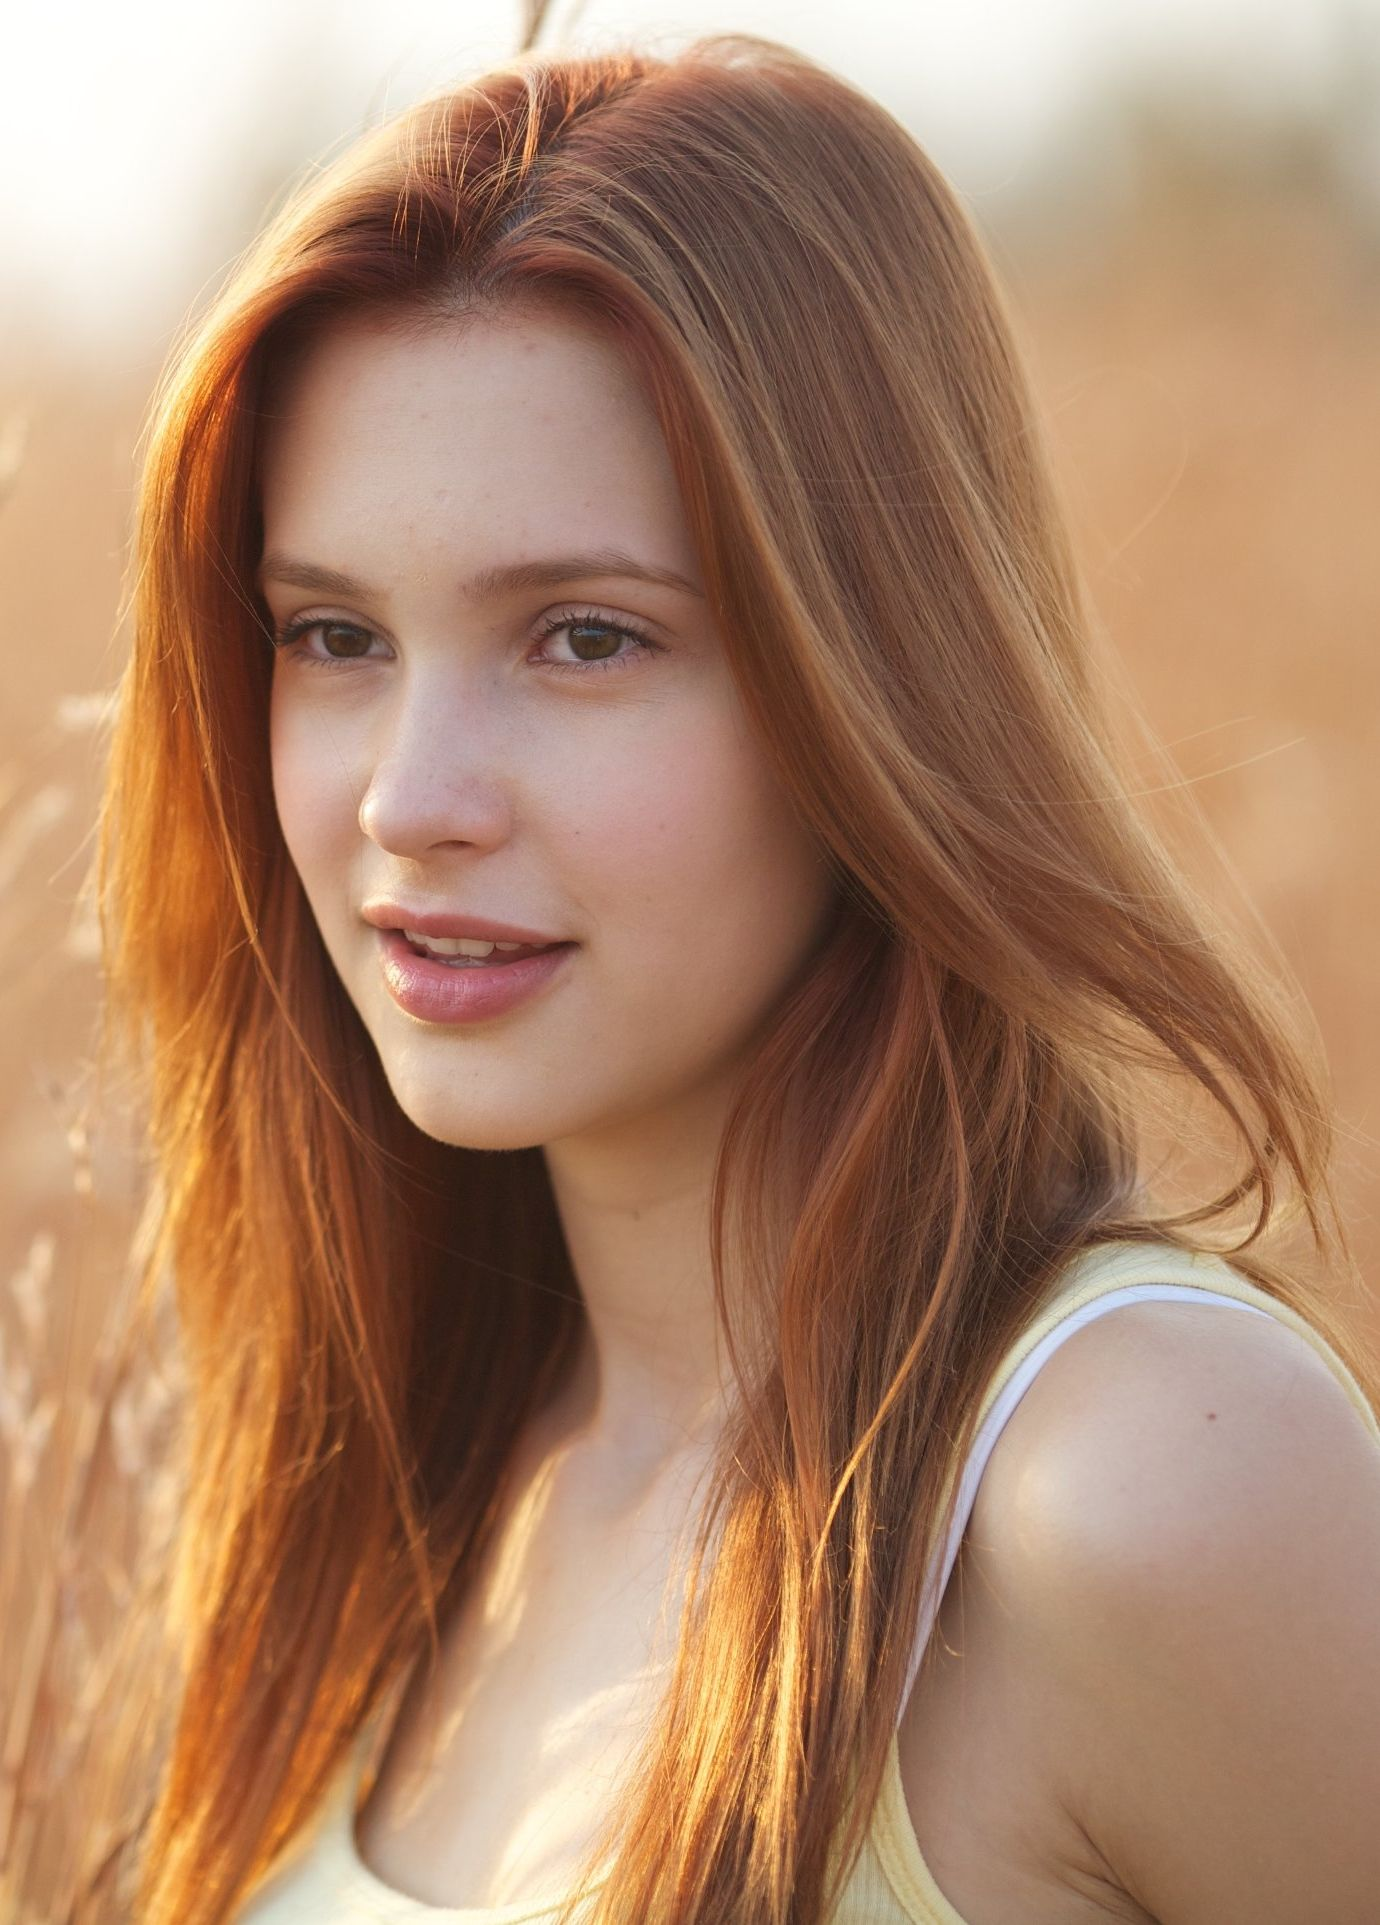 Фотки очень красивые девушки 14 фотография